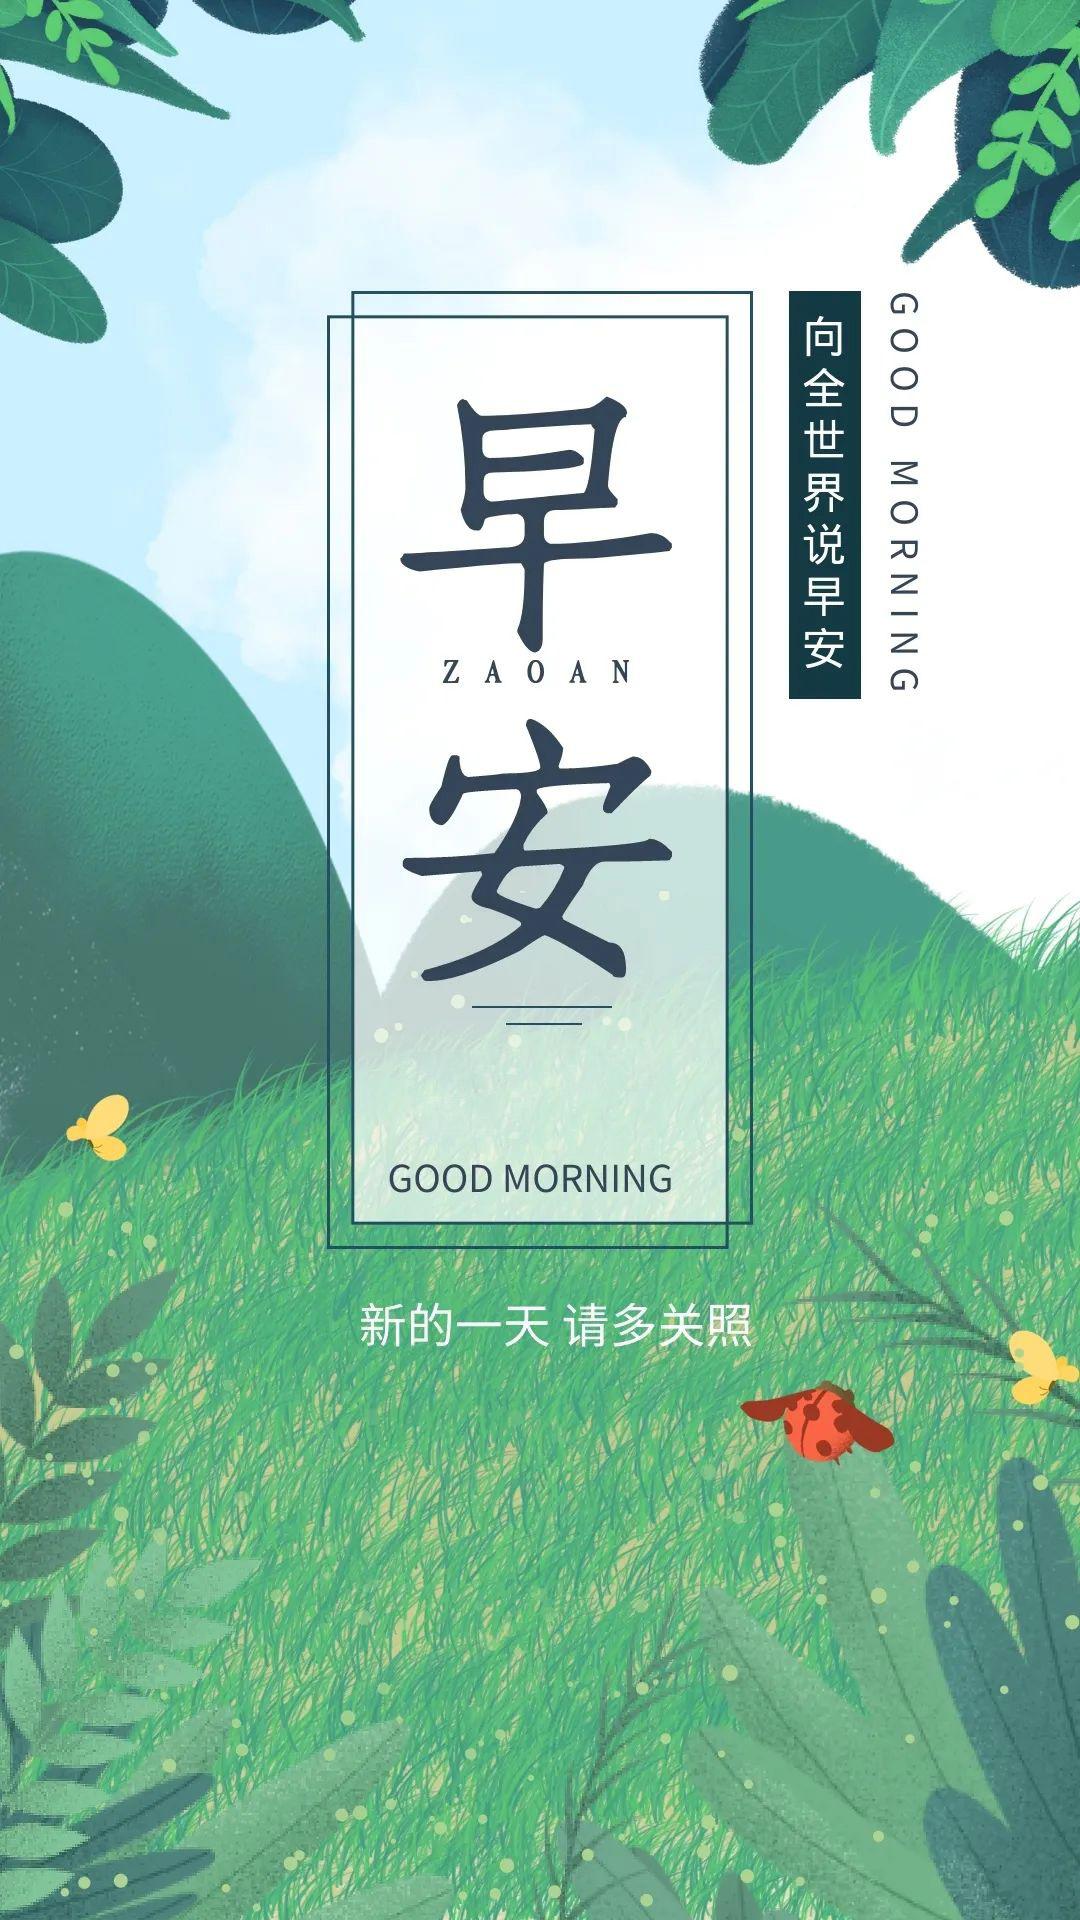 周五早上好正能量激励语录:没有一颗珍珠的闪光,是靠别人涂抹上去的